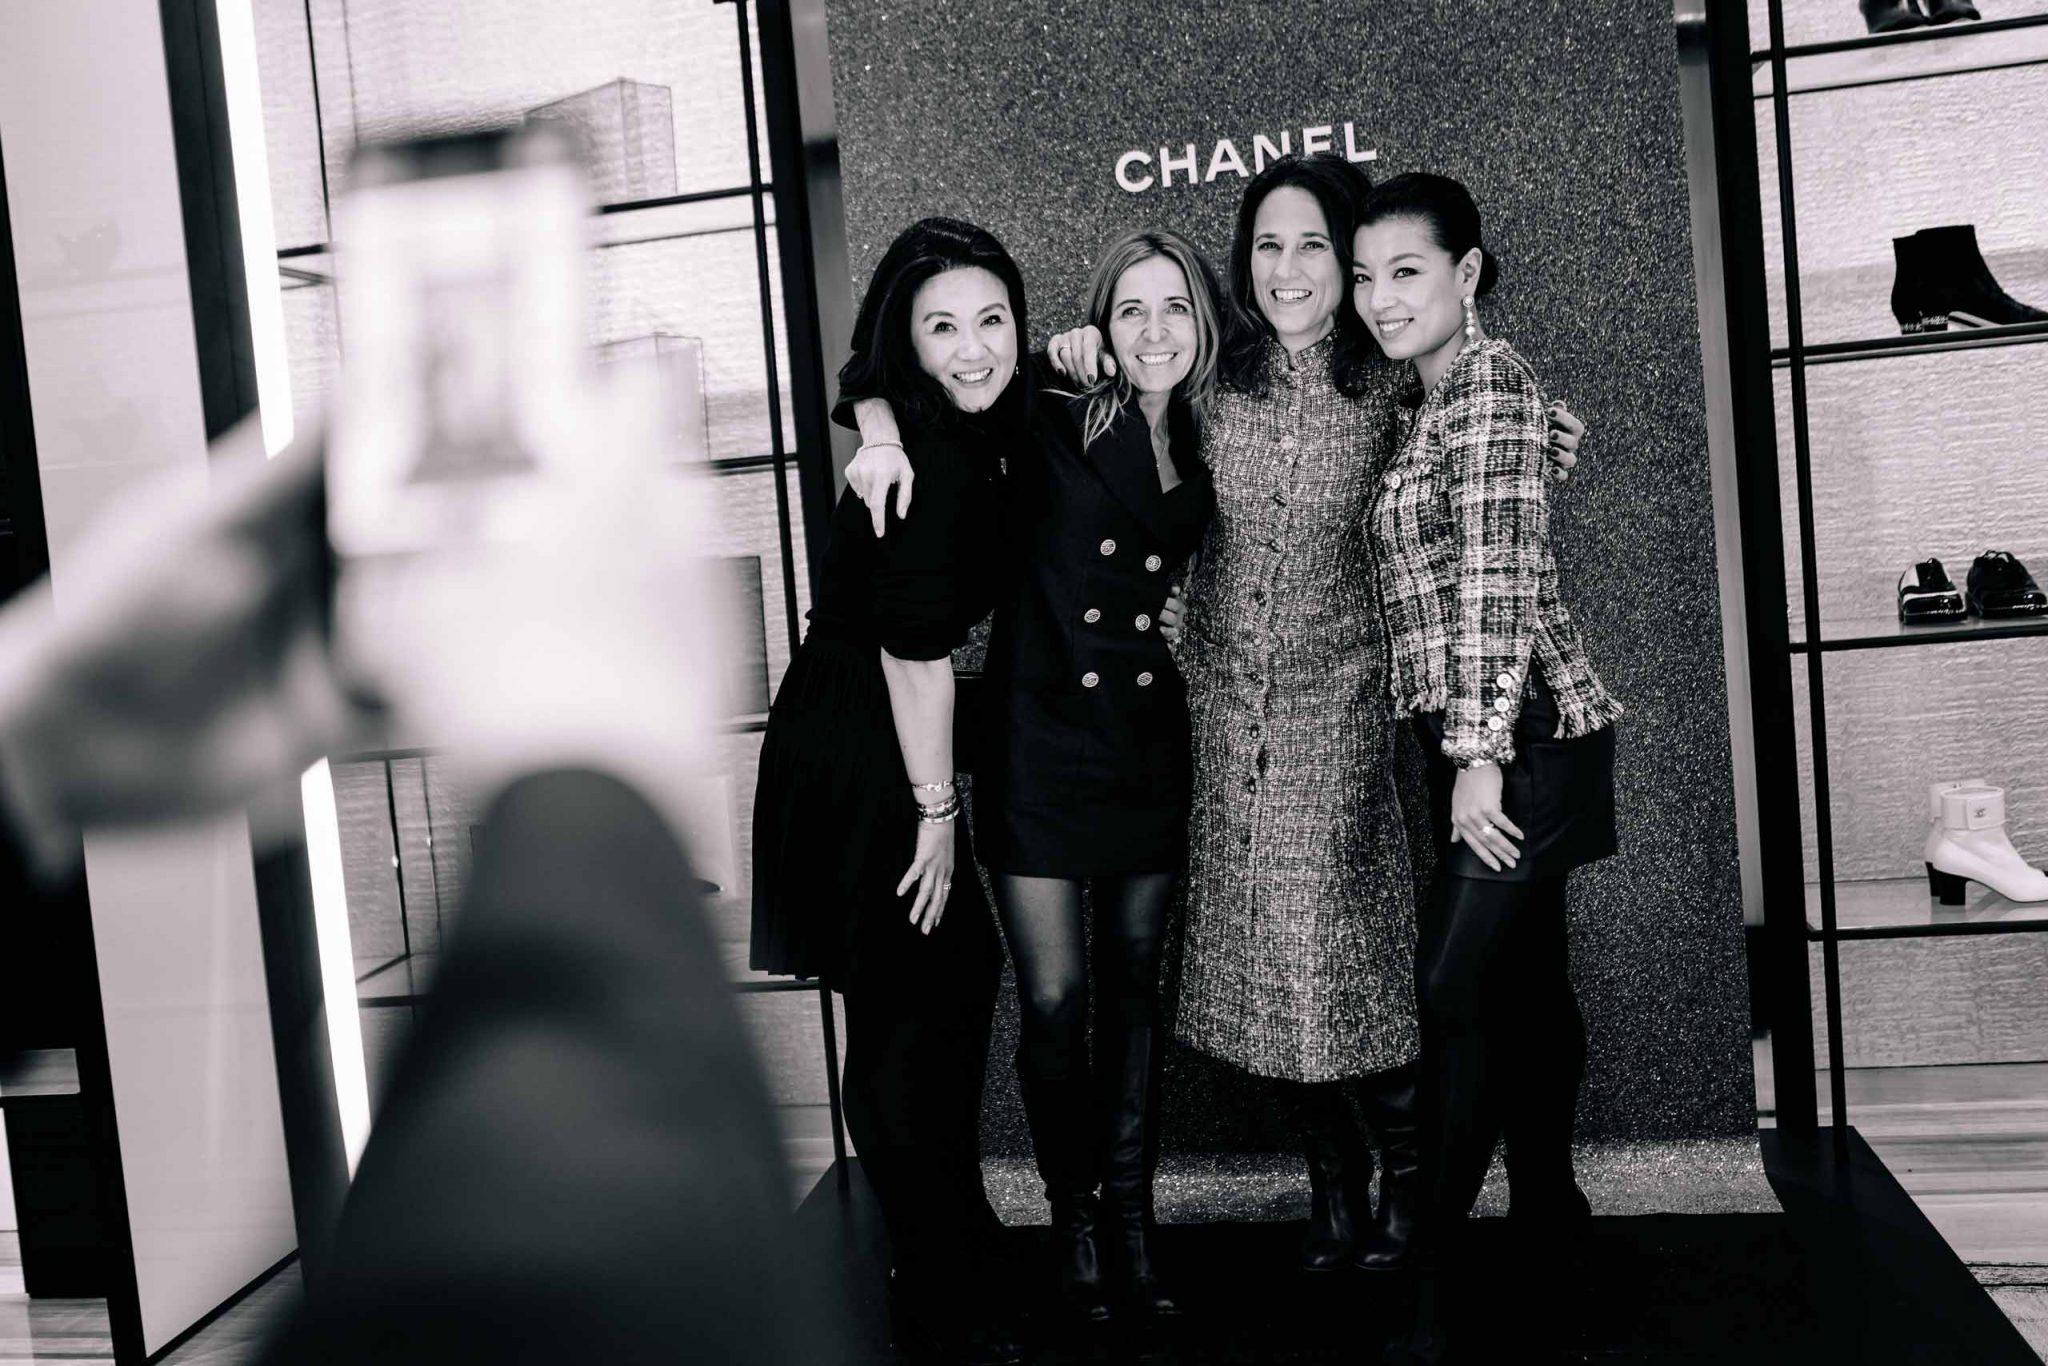 Chanel_Boutique_Cocktail_event_Ilsoo_van_Dijk_07122019-01162